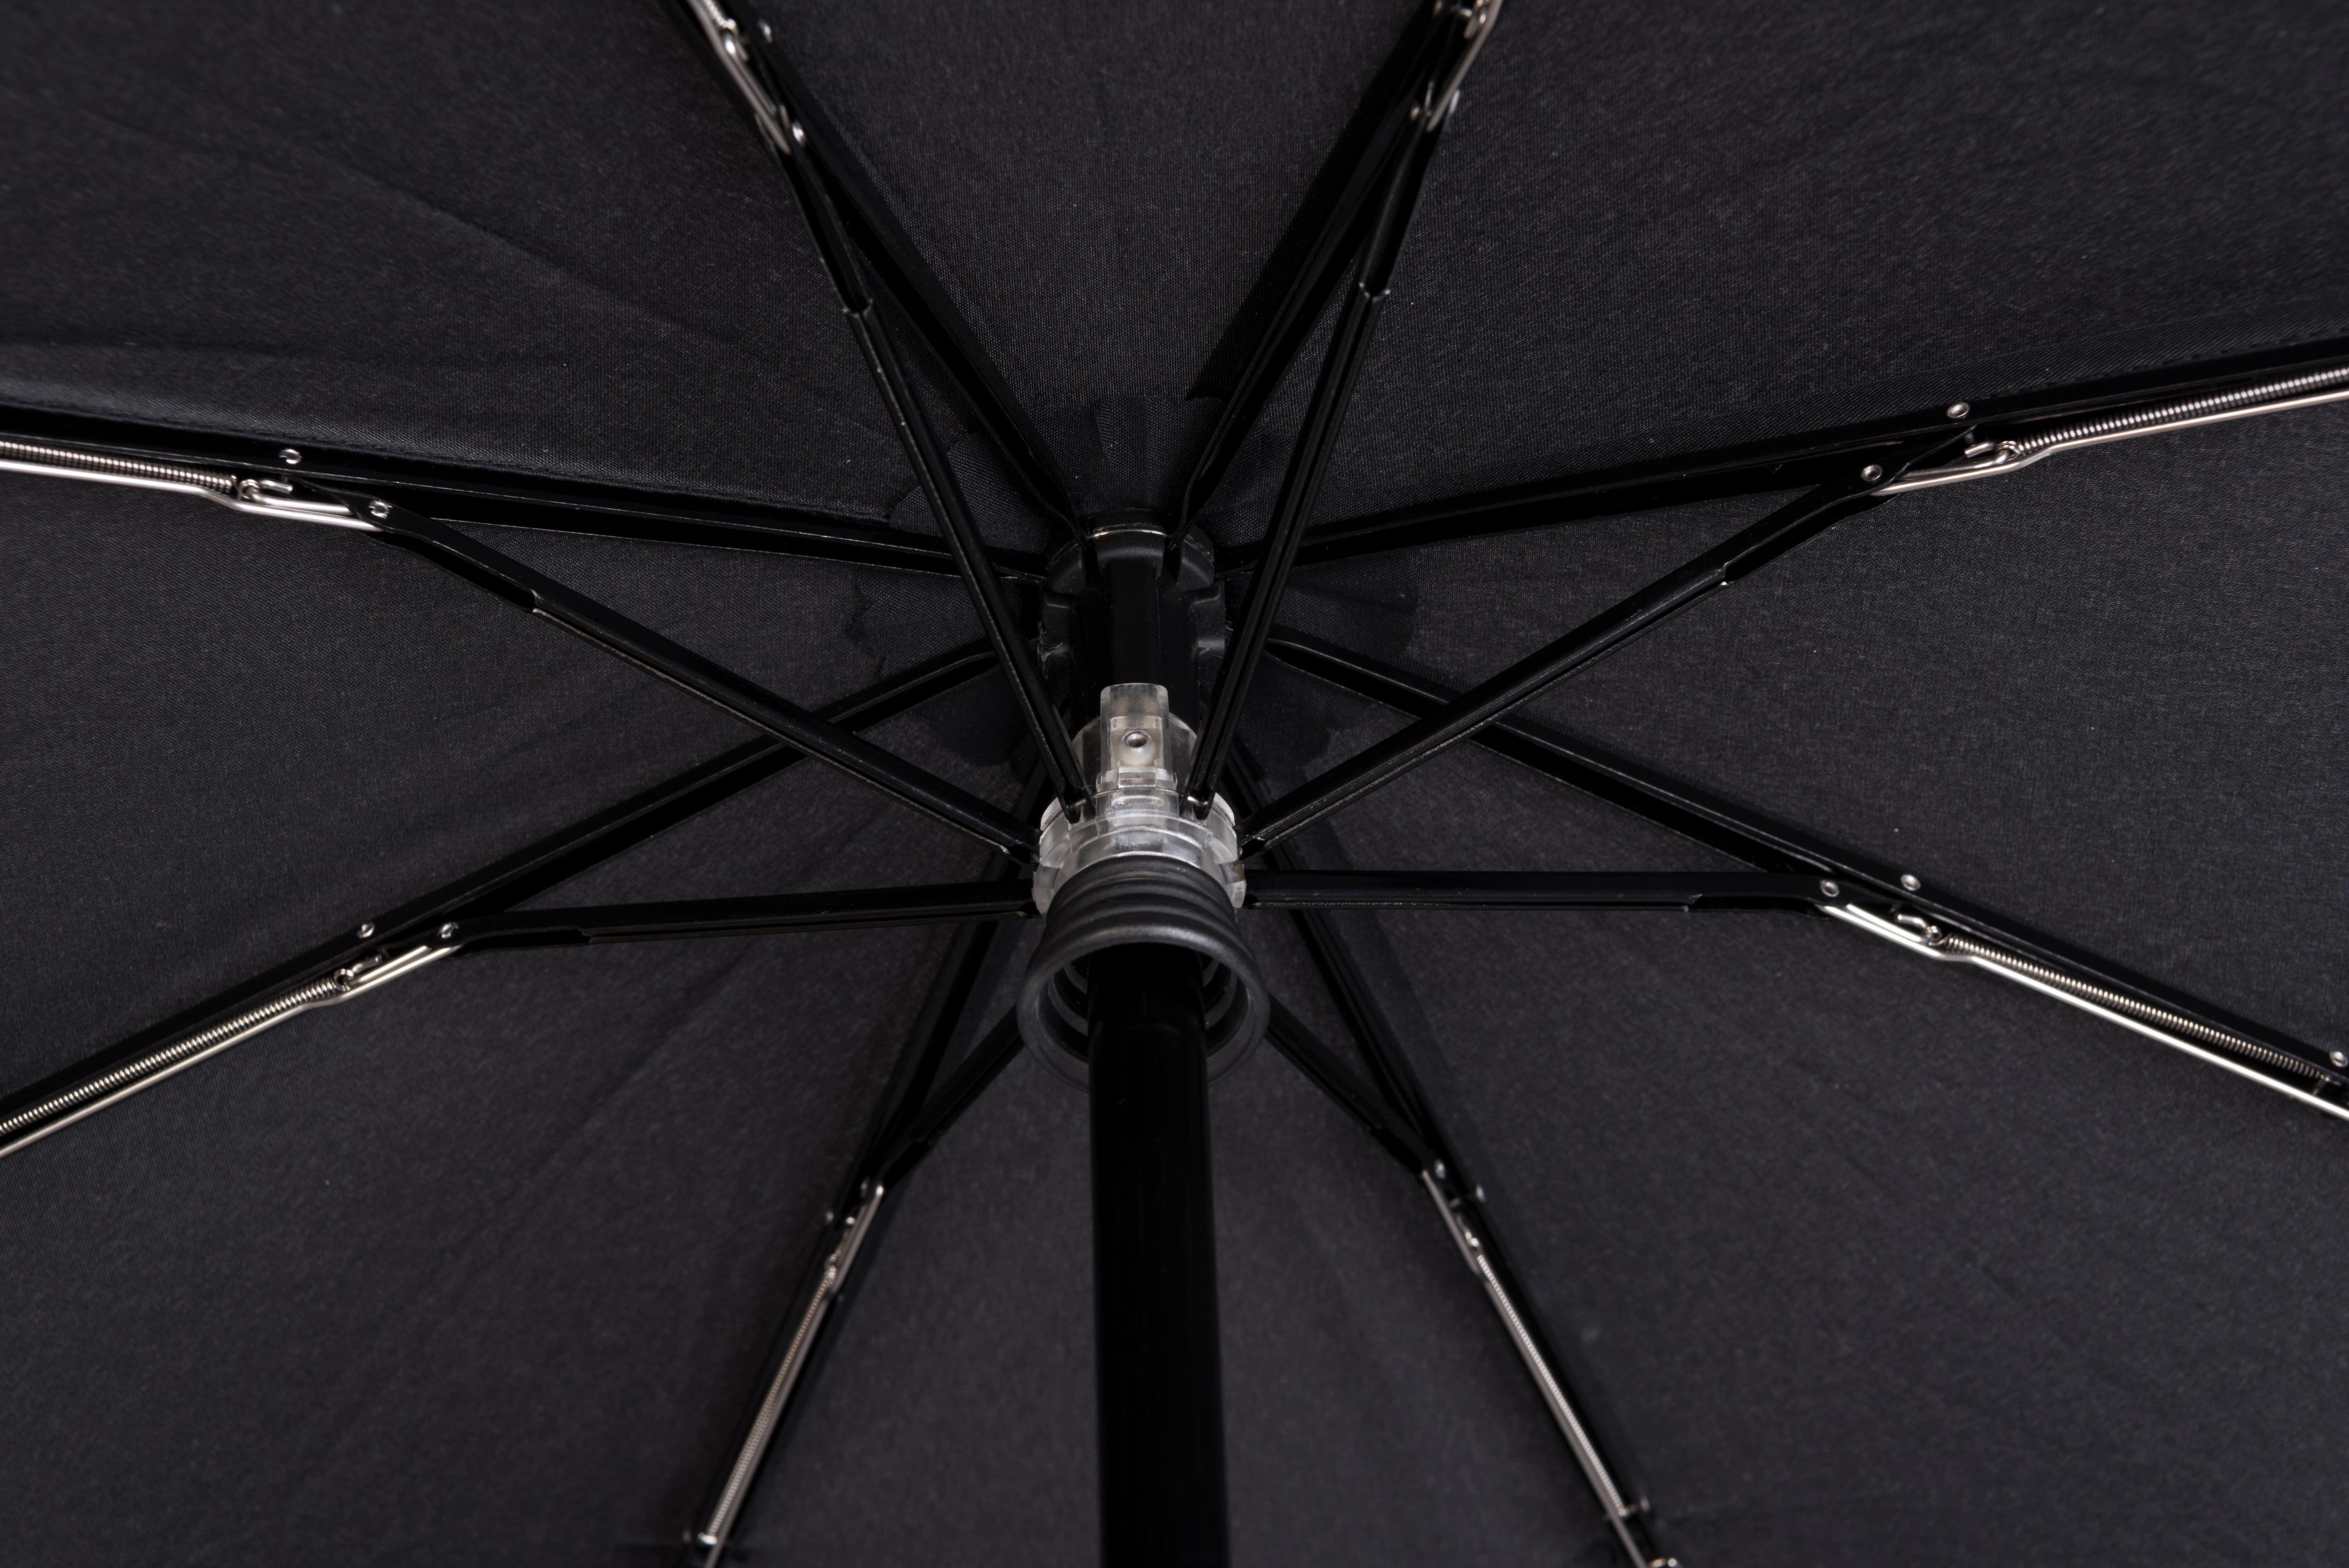 Knirps Umbrella T.200 medium duomatic new - photo 3